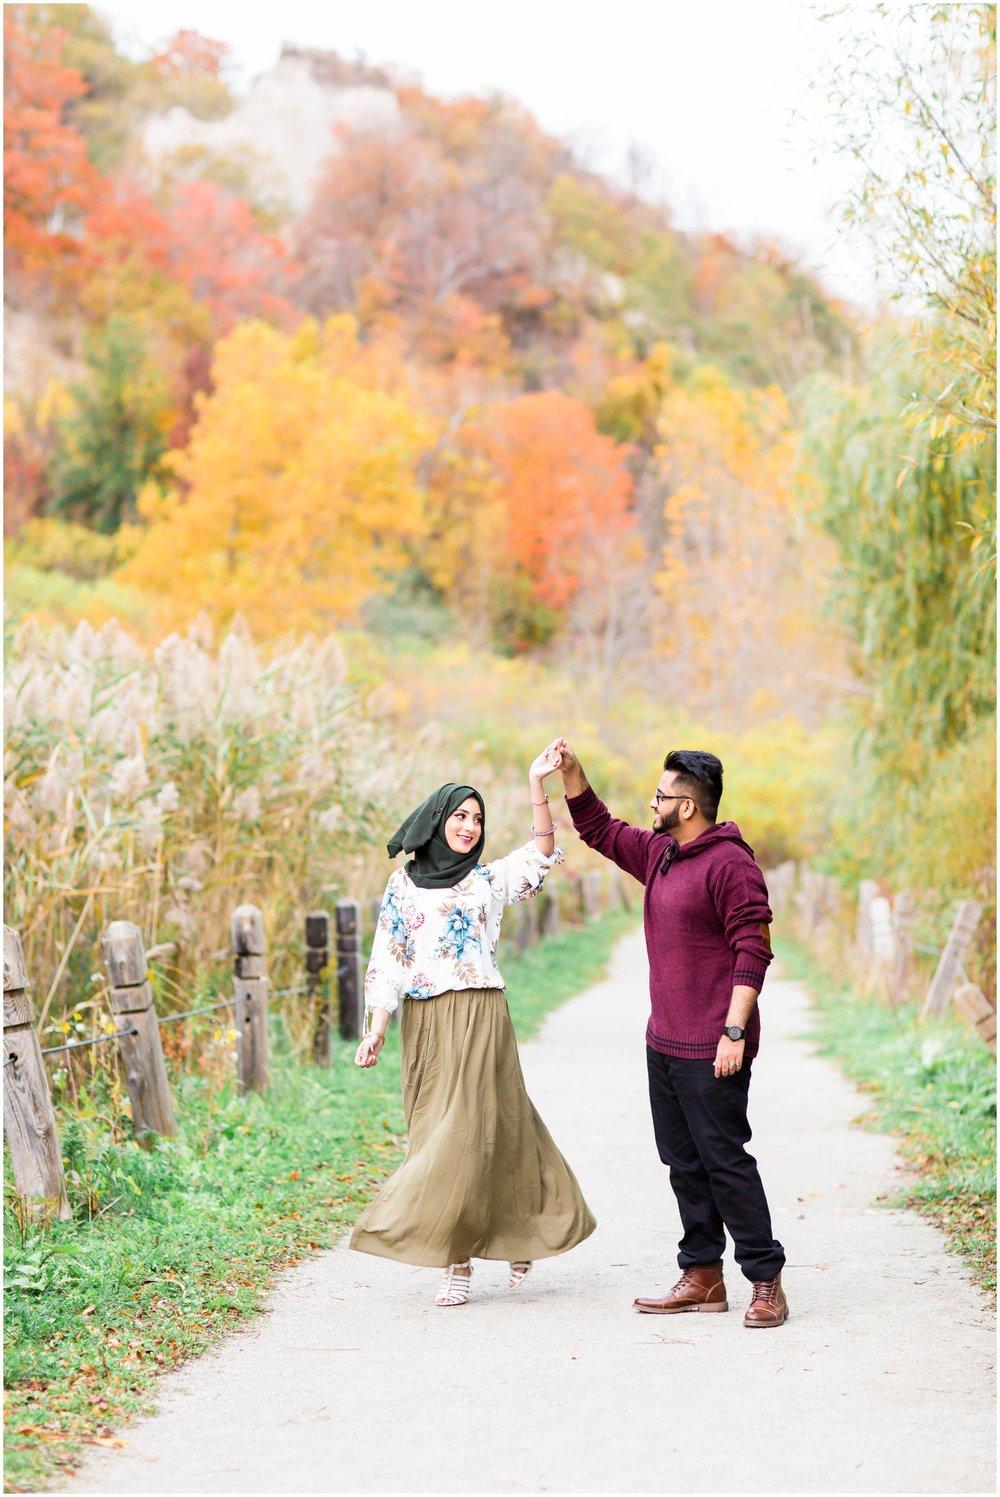 2017-Engagements-Toronto-Mississauga-GTA-Pakistani-Indian-Wedding-Photography-Photographer_0065.jpg